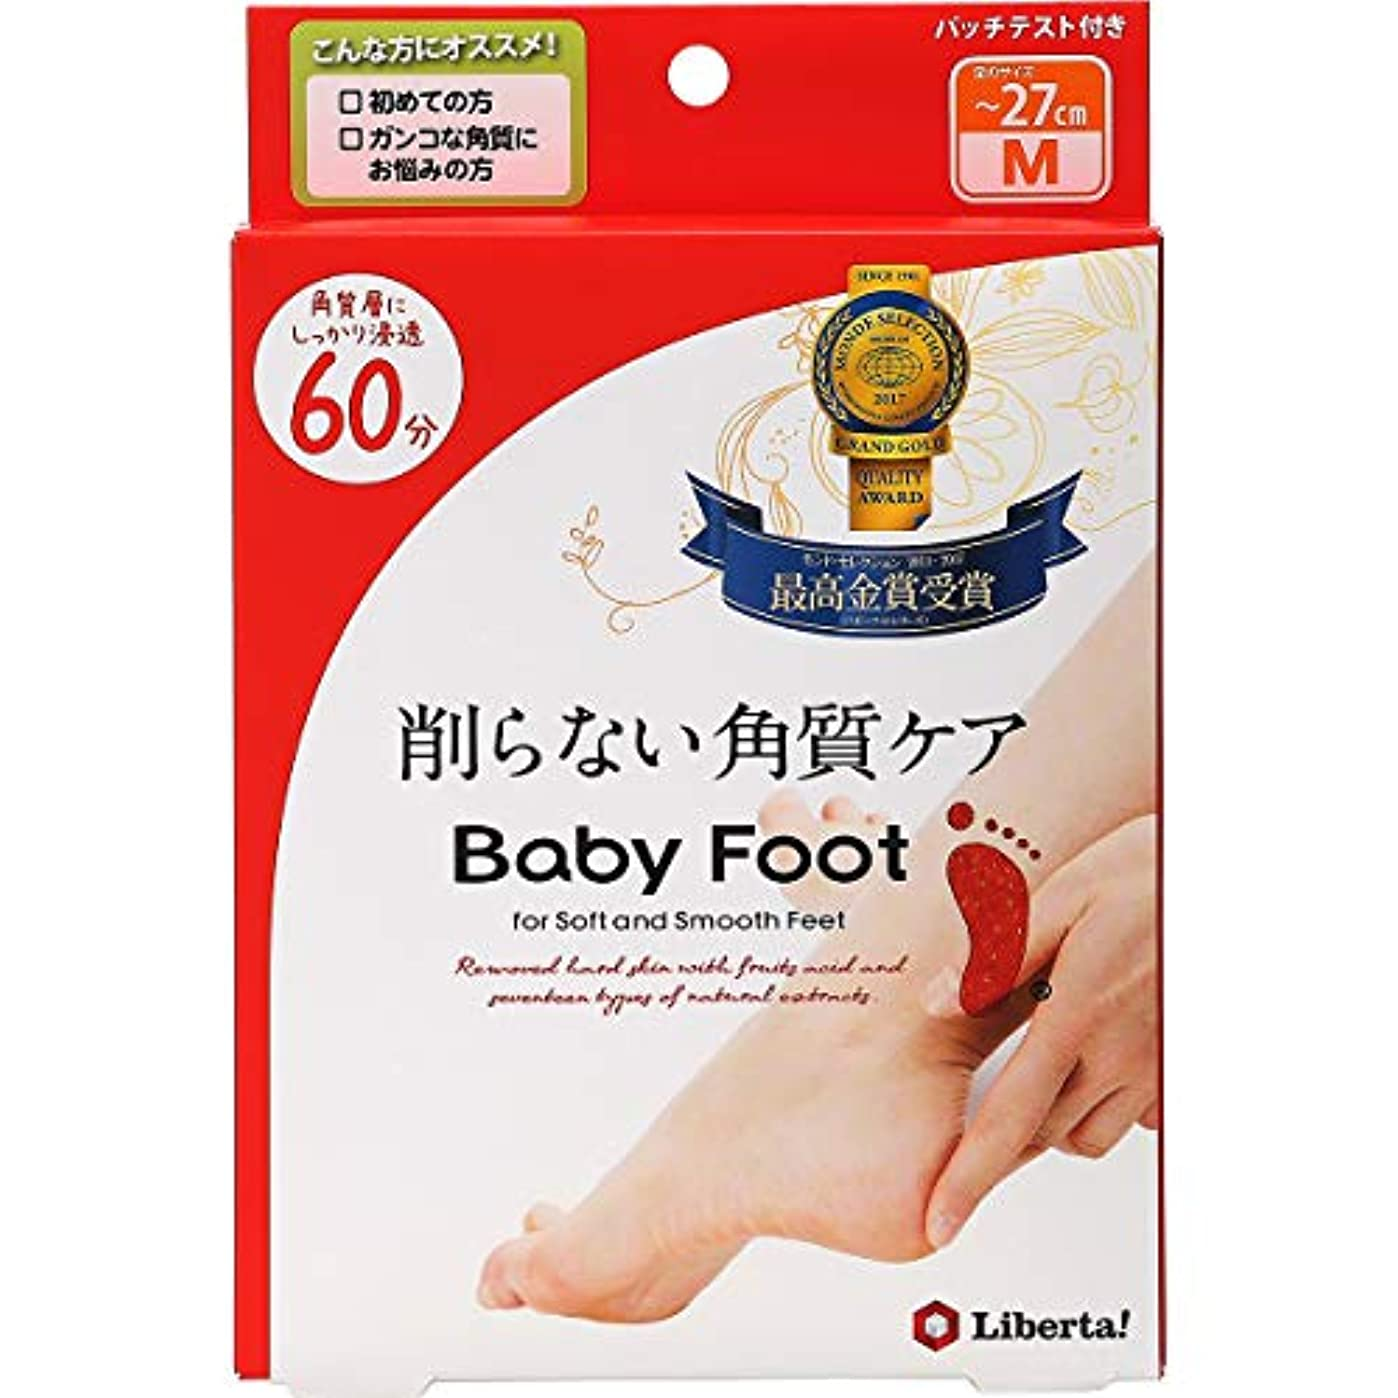 床学んだ幻滅ベビーフット (Baby Foot) ベビーフット イージーパック SPT60分タイプ Mサイズ 単品